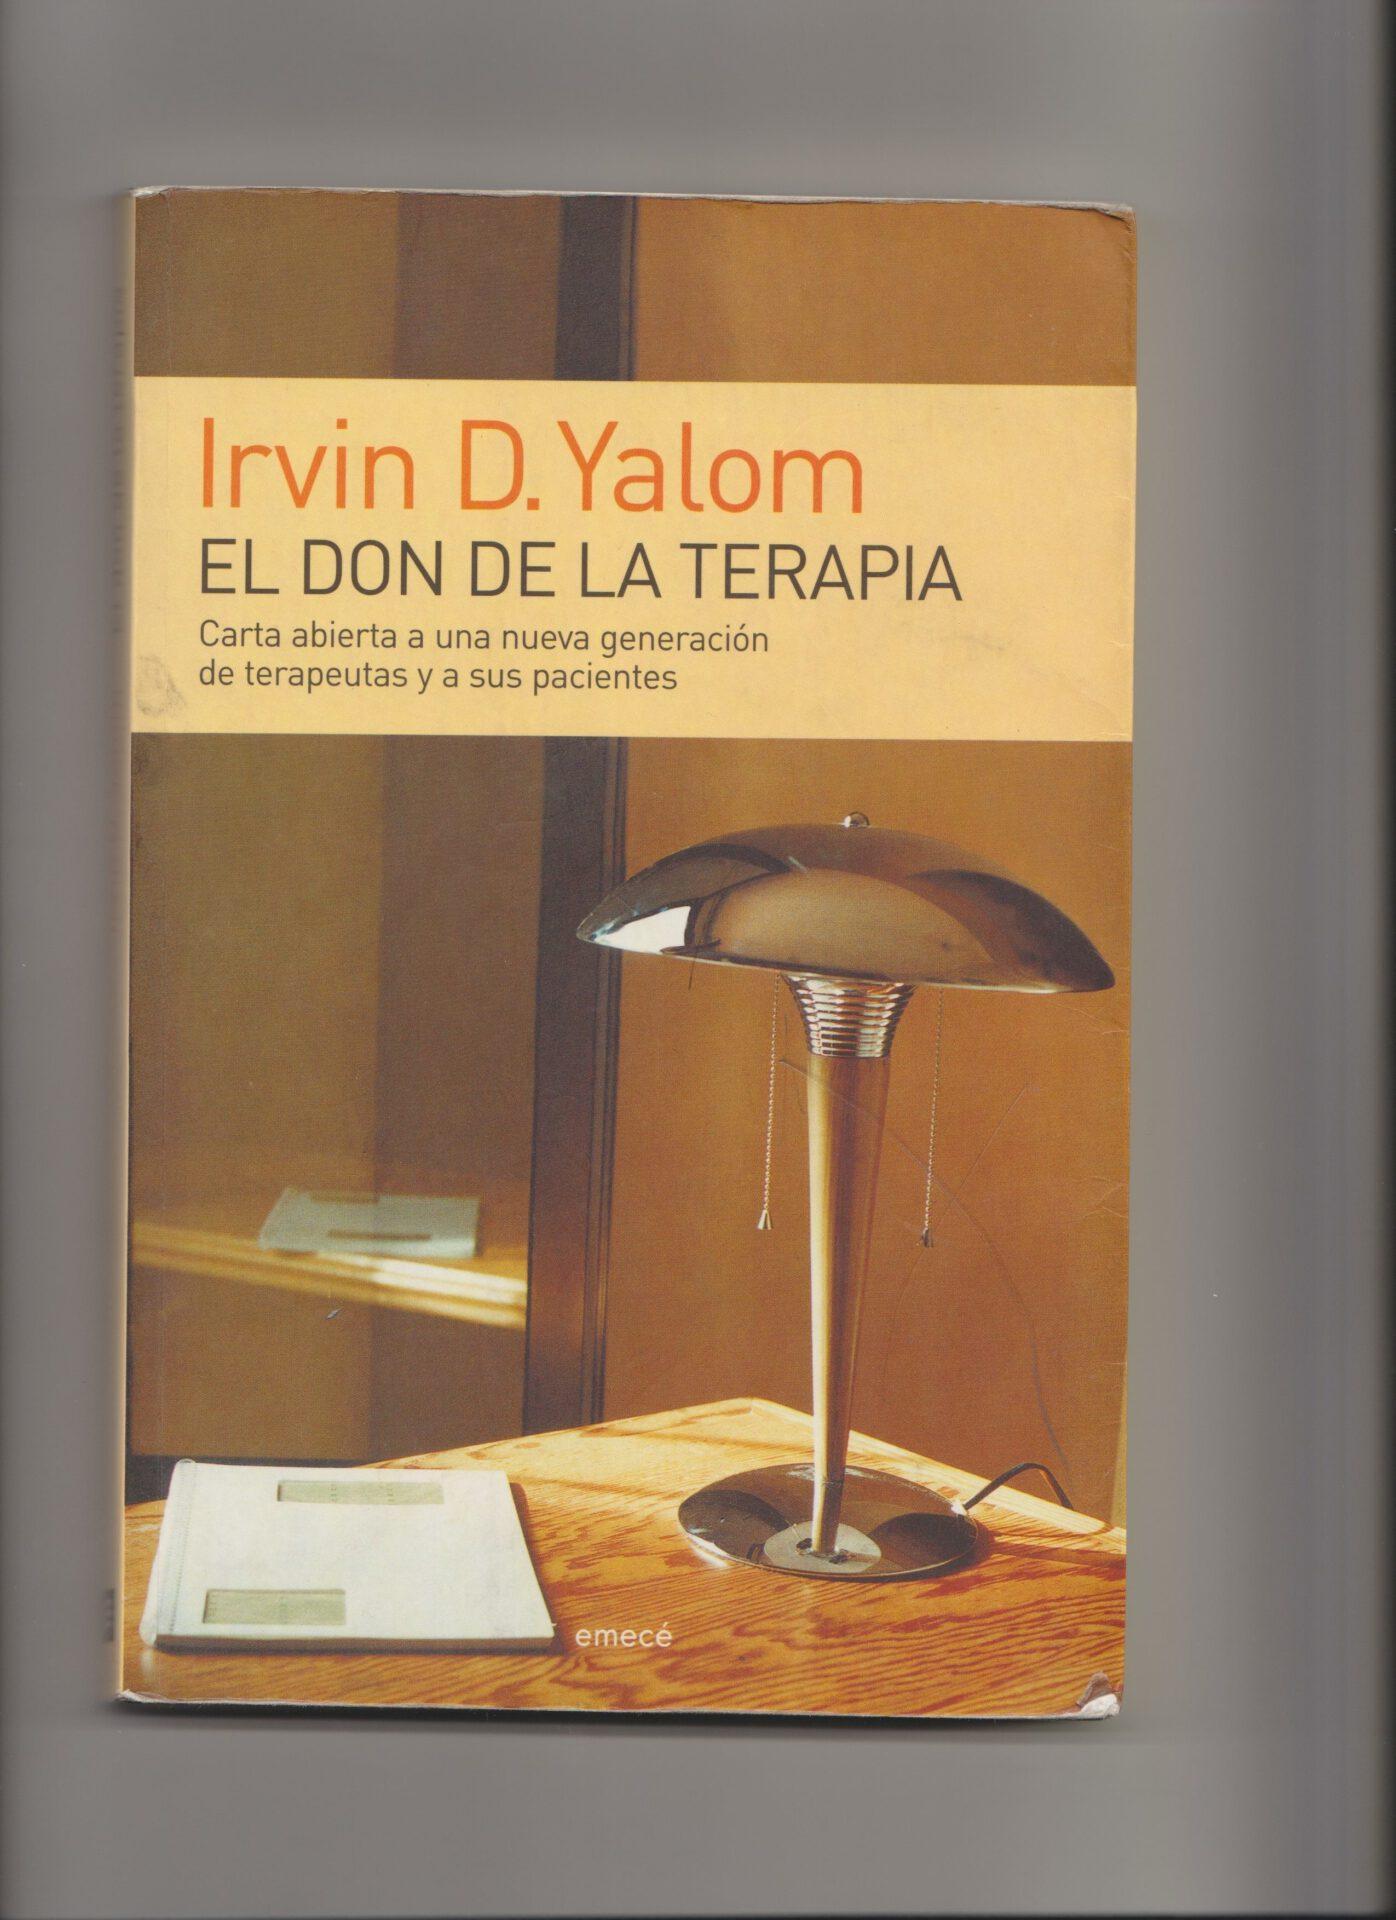 Leyendo sobre buenos psicólogos. Irvin De Yalom, El don de la terapia